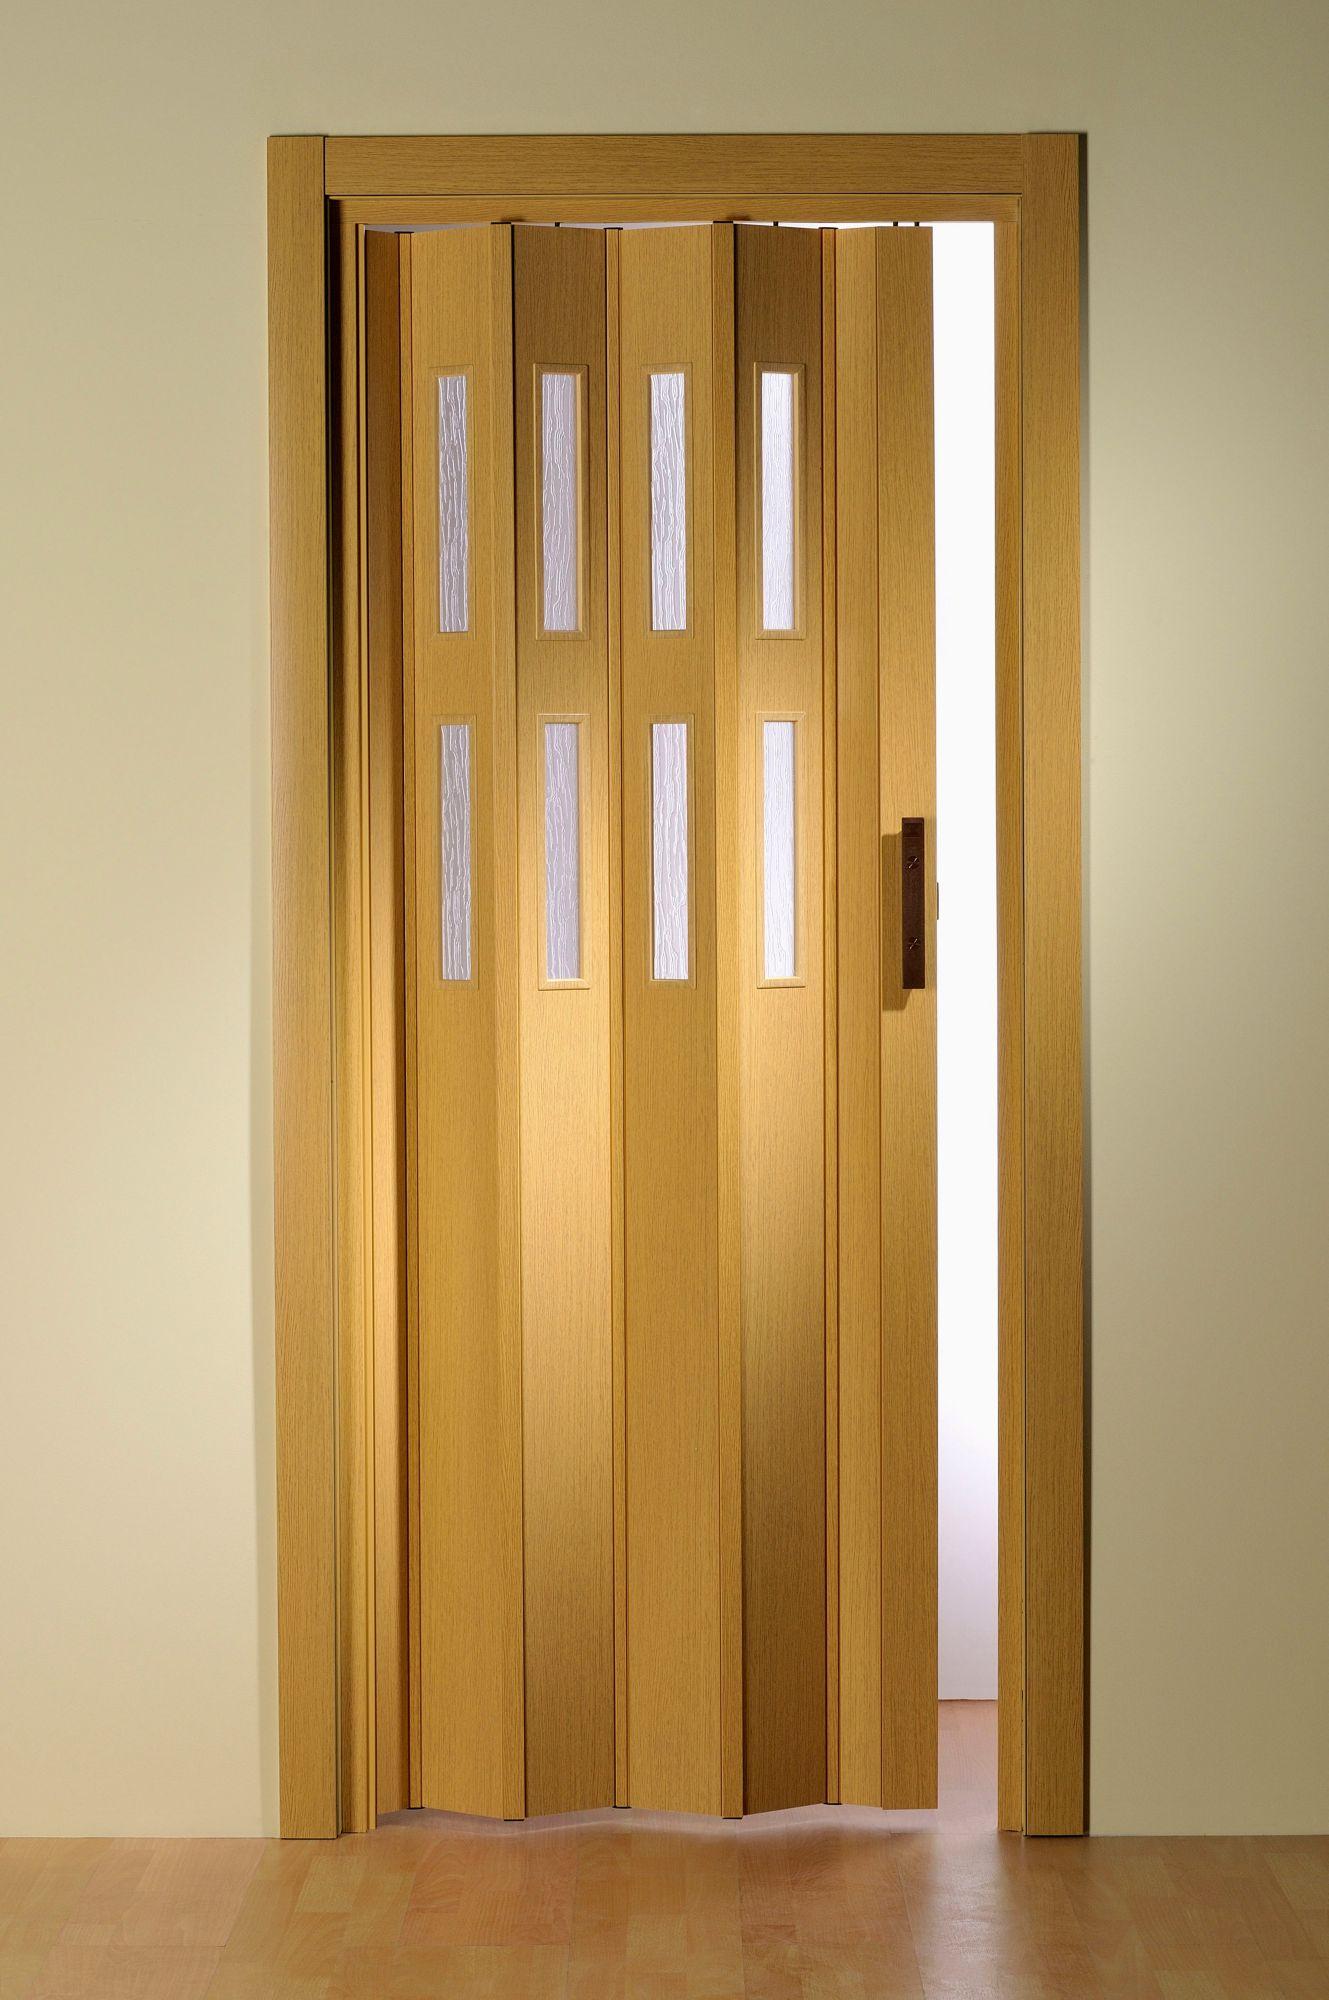 Kunststoff-Falttür »Luciana«, BxH: 88,5x202 cm, Eichefarben mit Fenstern in Riffelstruktur